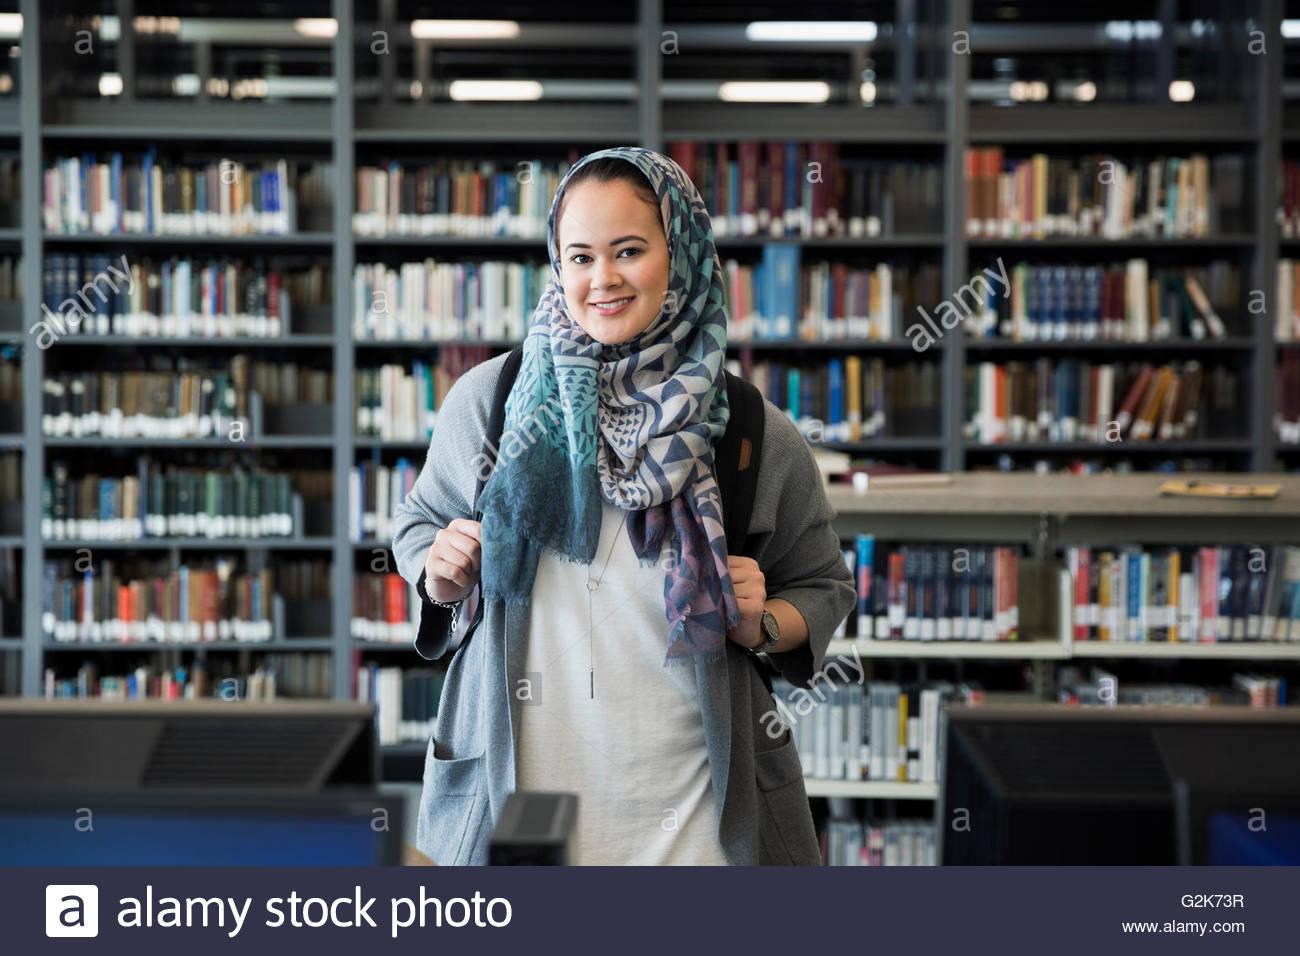 Ritratto sorridente studente di college che indossa il hijab in libreria Immagini Stock